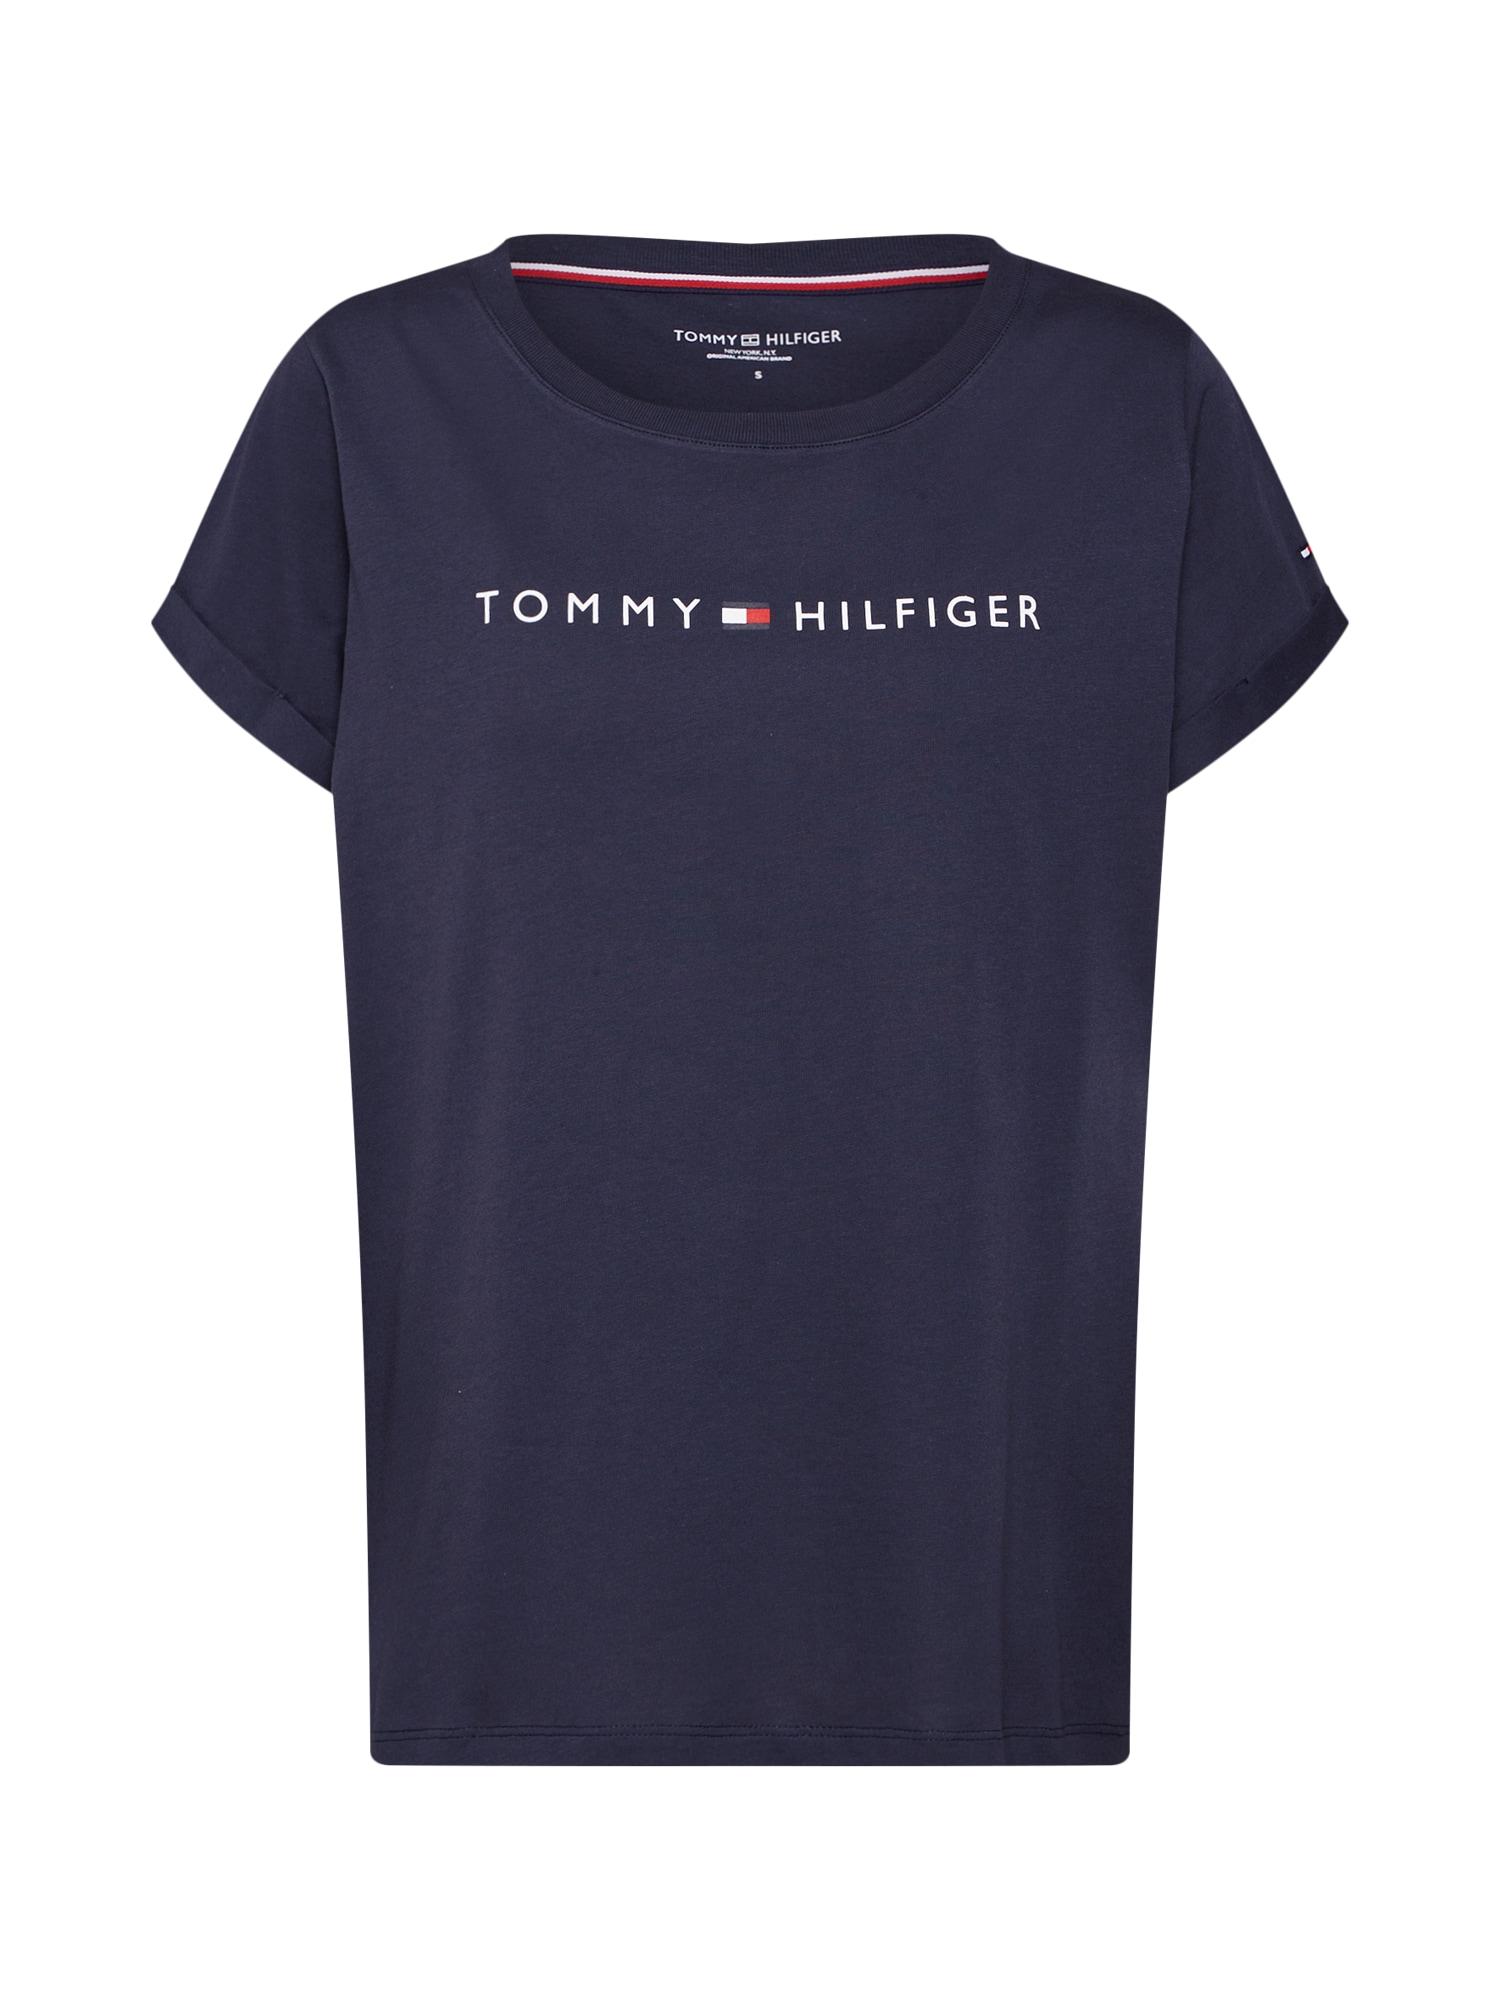 TOMMY HILFIGER Pižaminiai marškinėliai tamsiai mėlyna